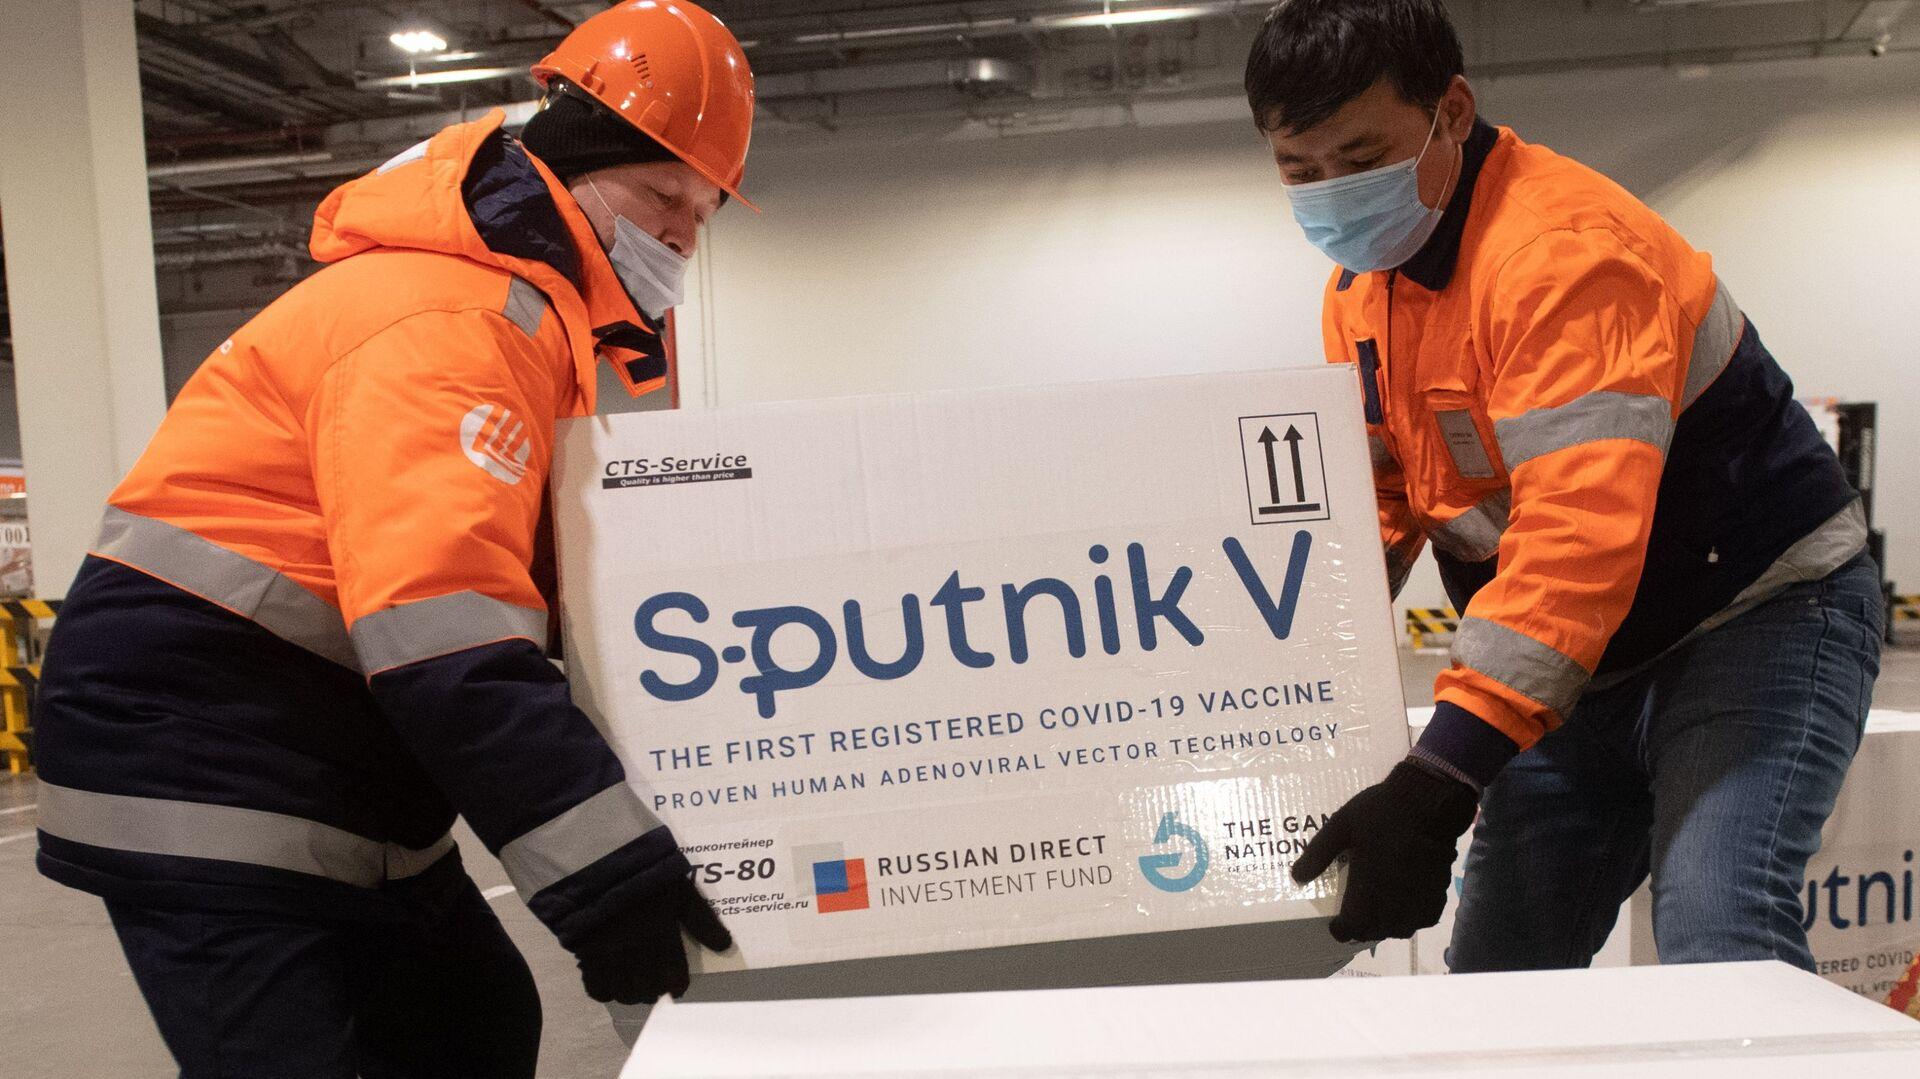 Груз с российской вакциной Sputnik V от коронавирусной инфекции covid-19 - Sputnik Узбекистан, 1920, 17.02.2021